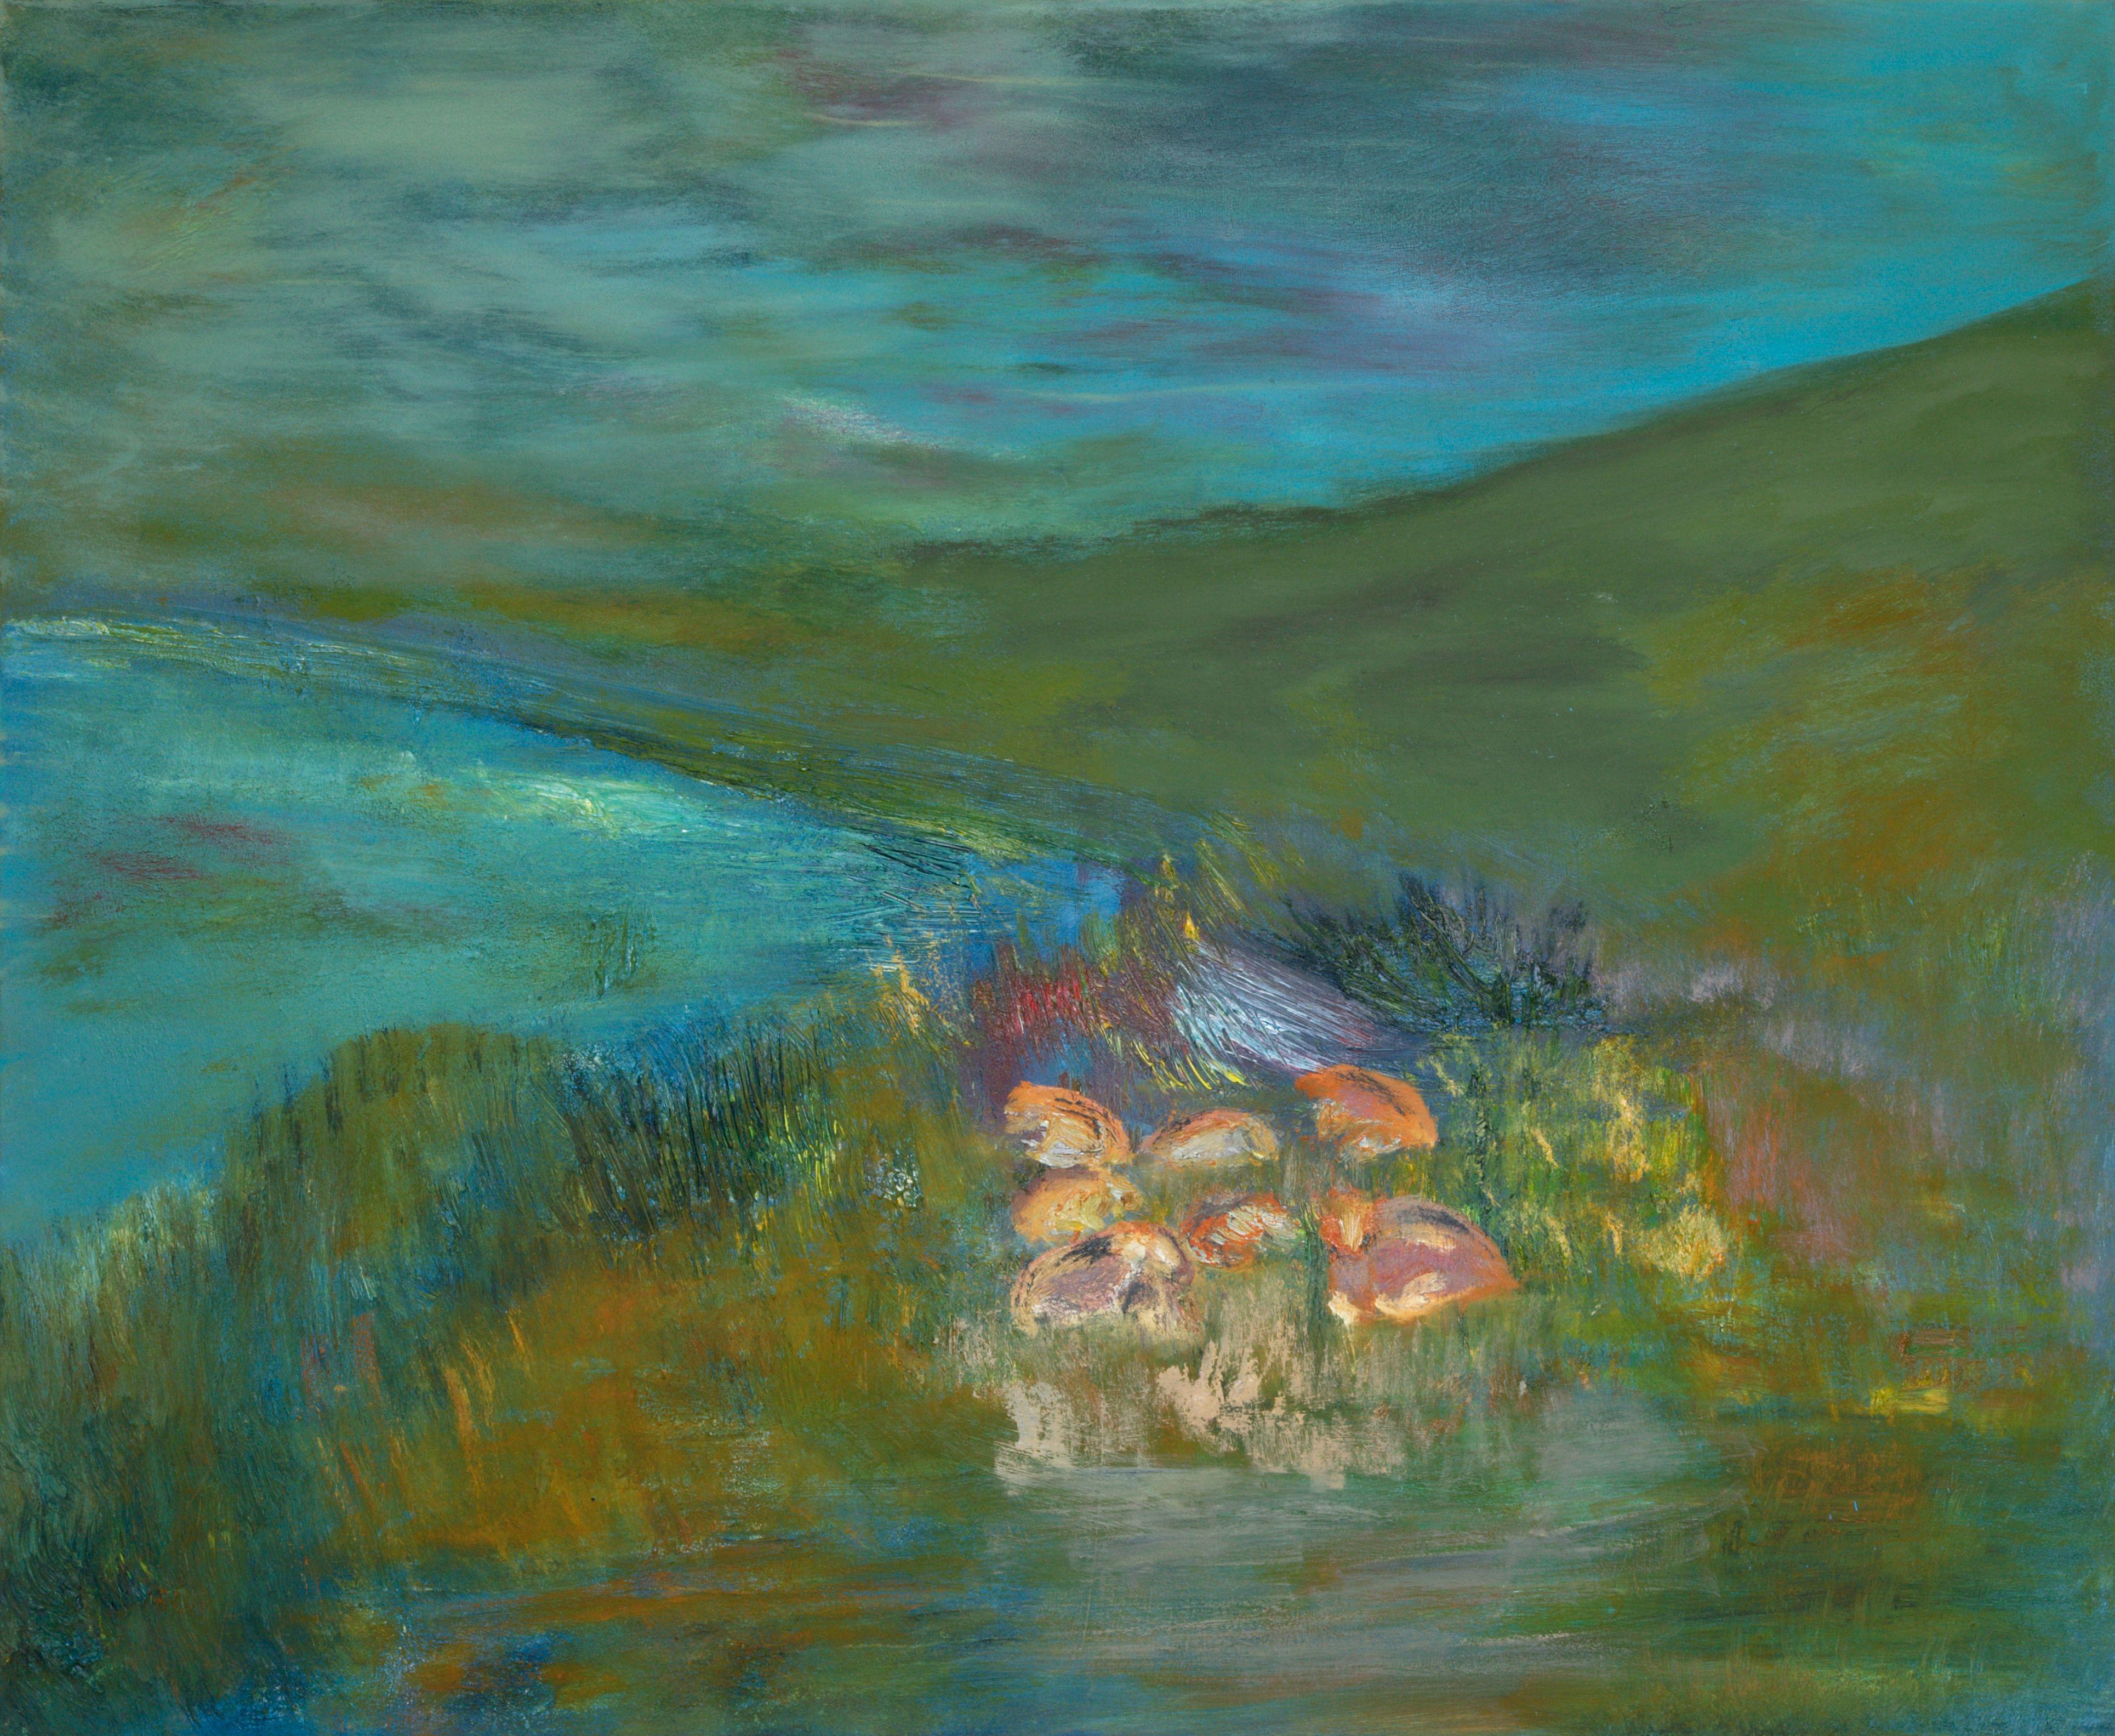 Marij Aarntzen, Koeien in ochtendnevel, olie op doek, 90 x 110 cm, 2012